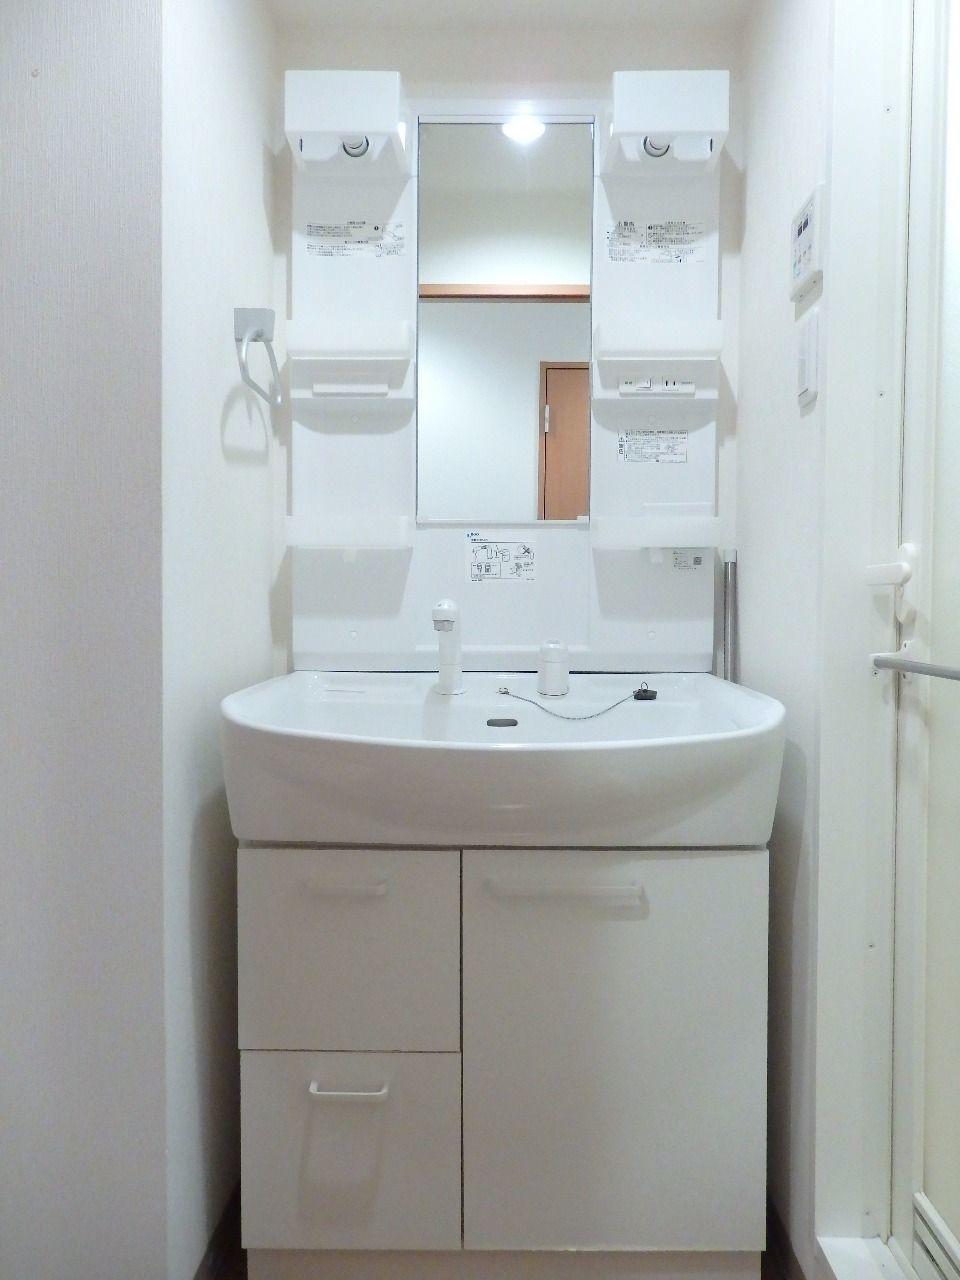 化粧品や洗面用具が置きやすい収納棚付き